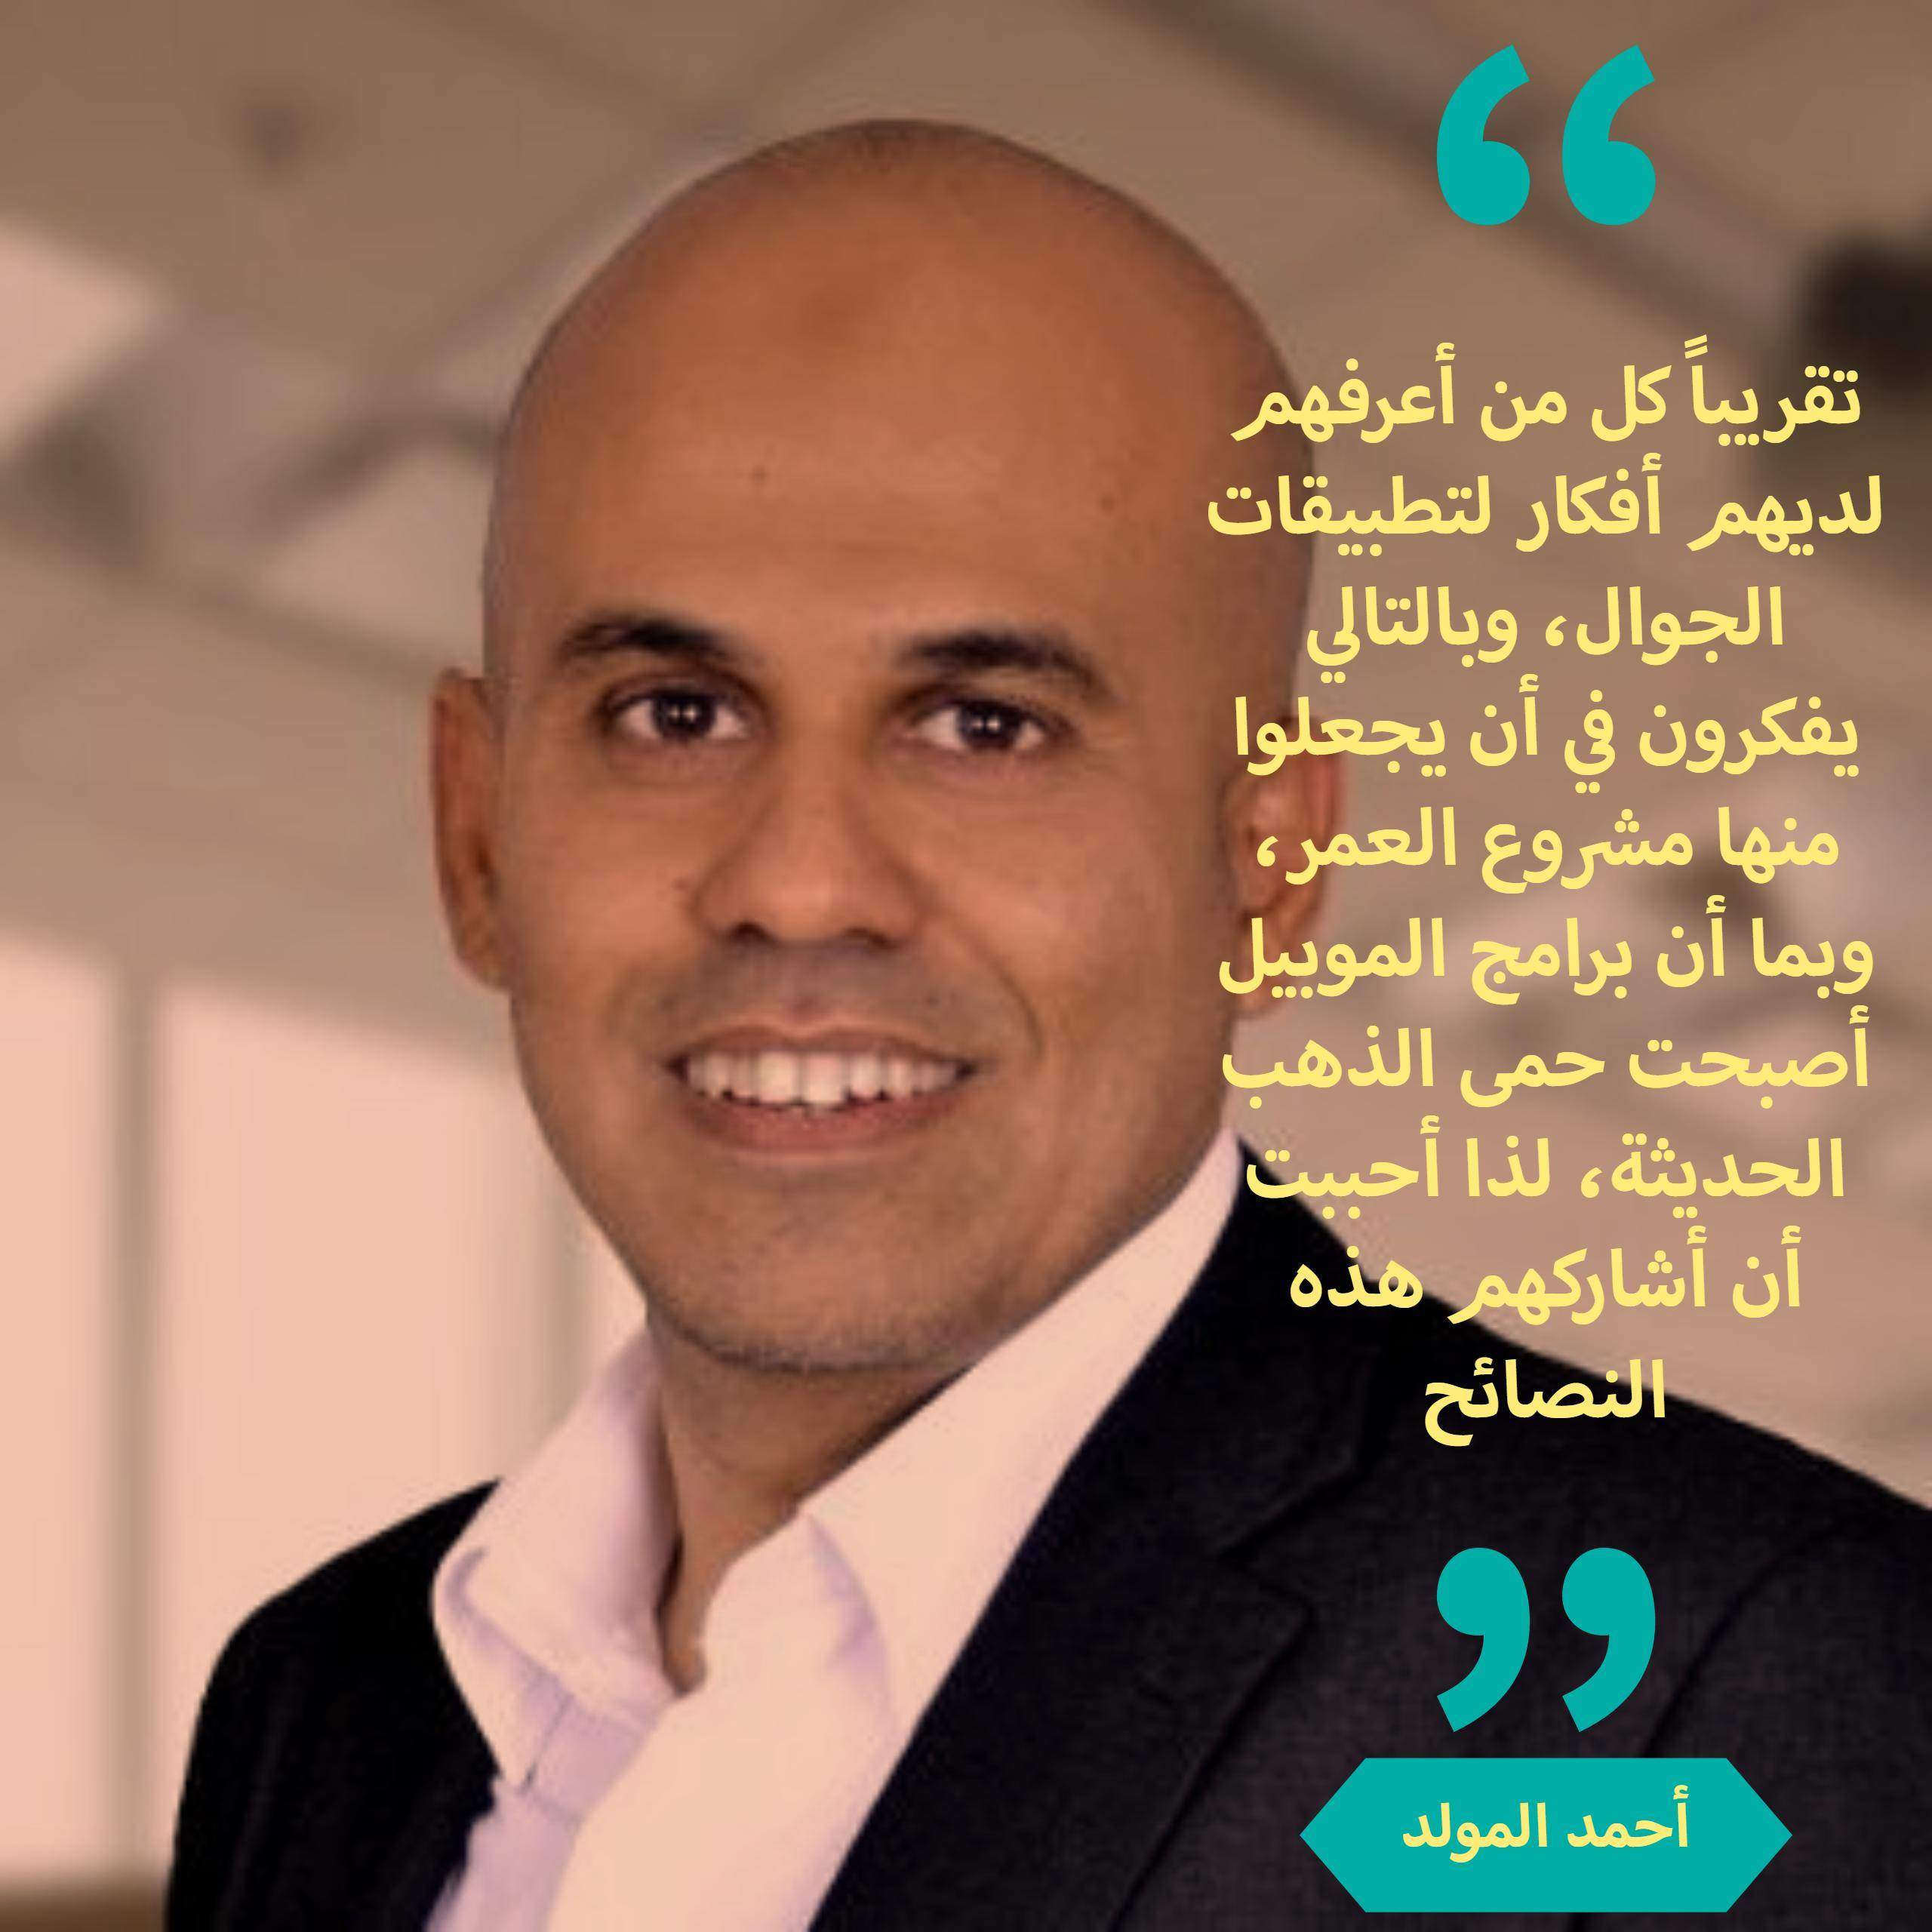 إنشاء-تطبيقات-الجوال-والربح-منها-نصائح-لأحمد-المولد